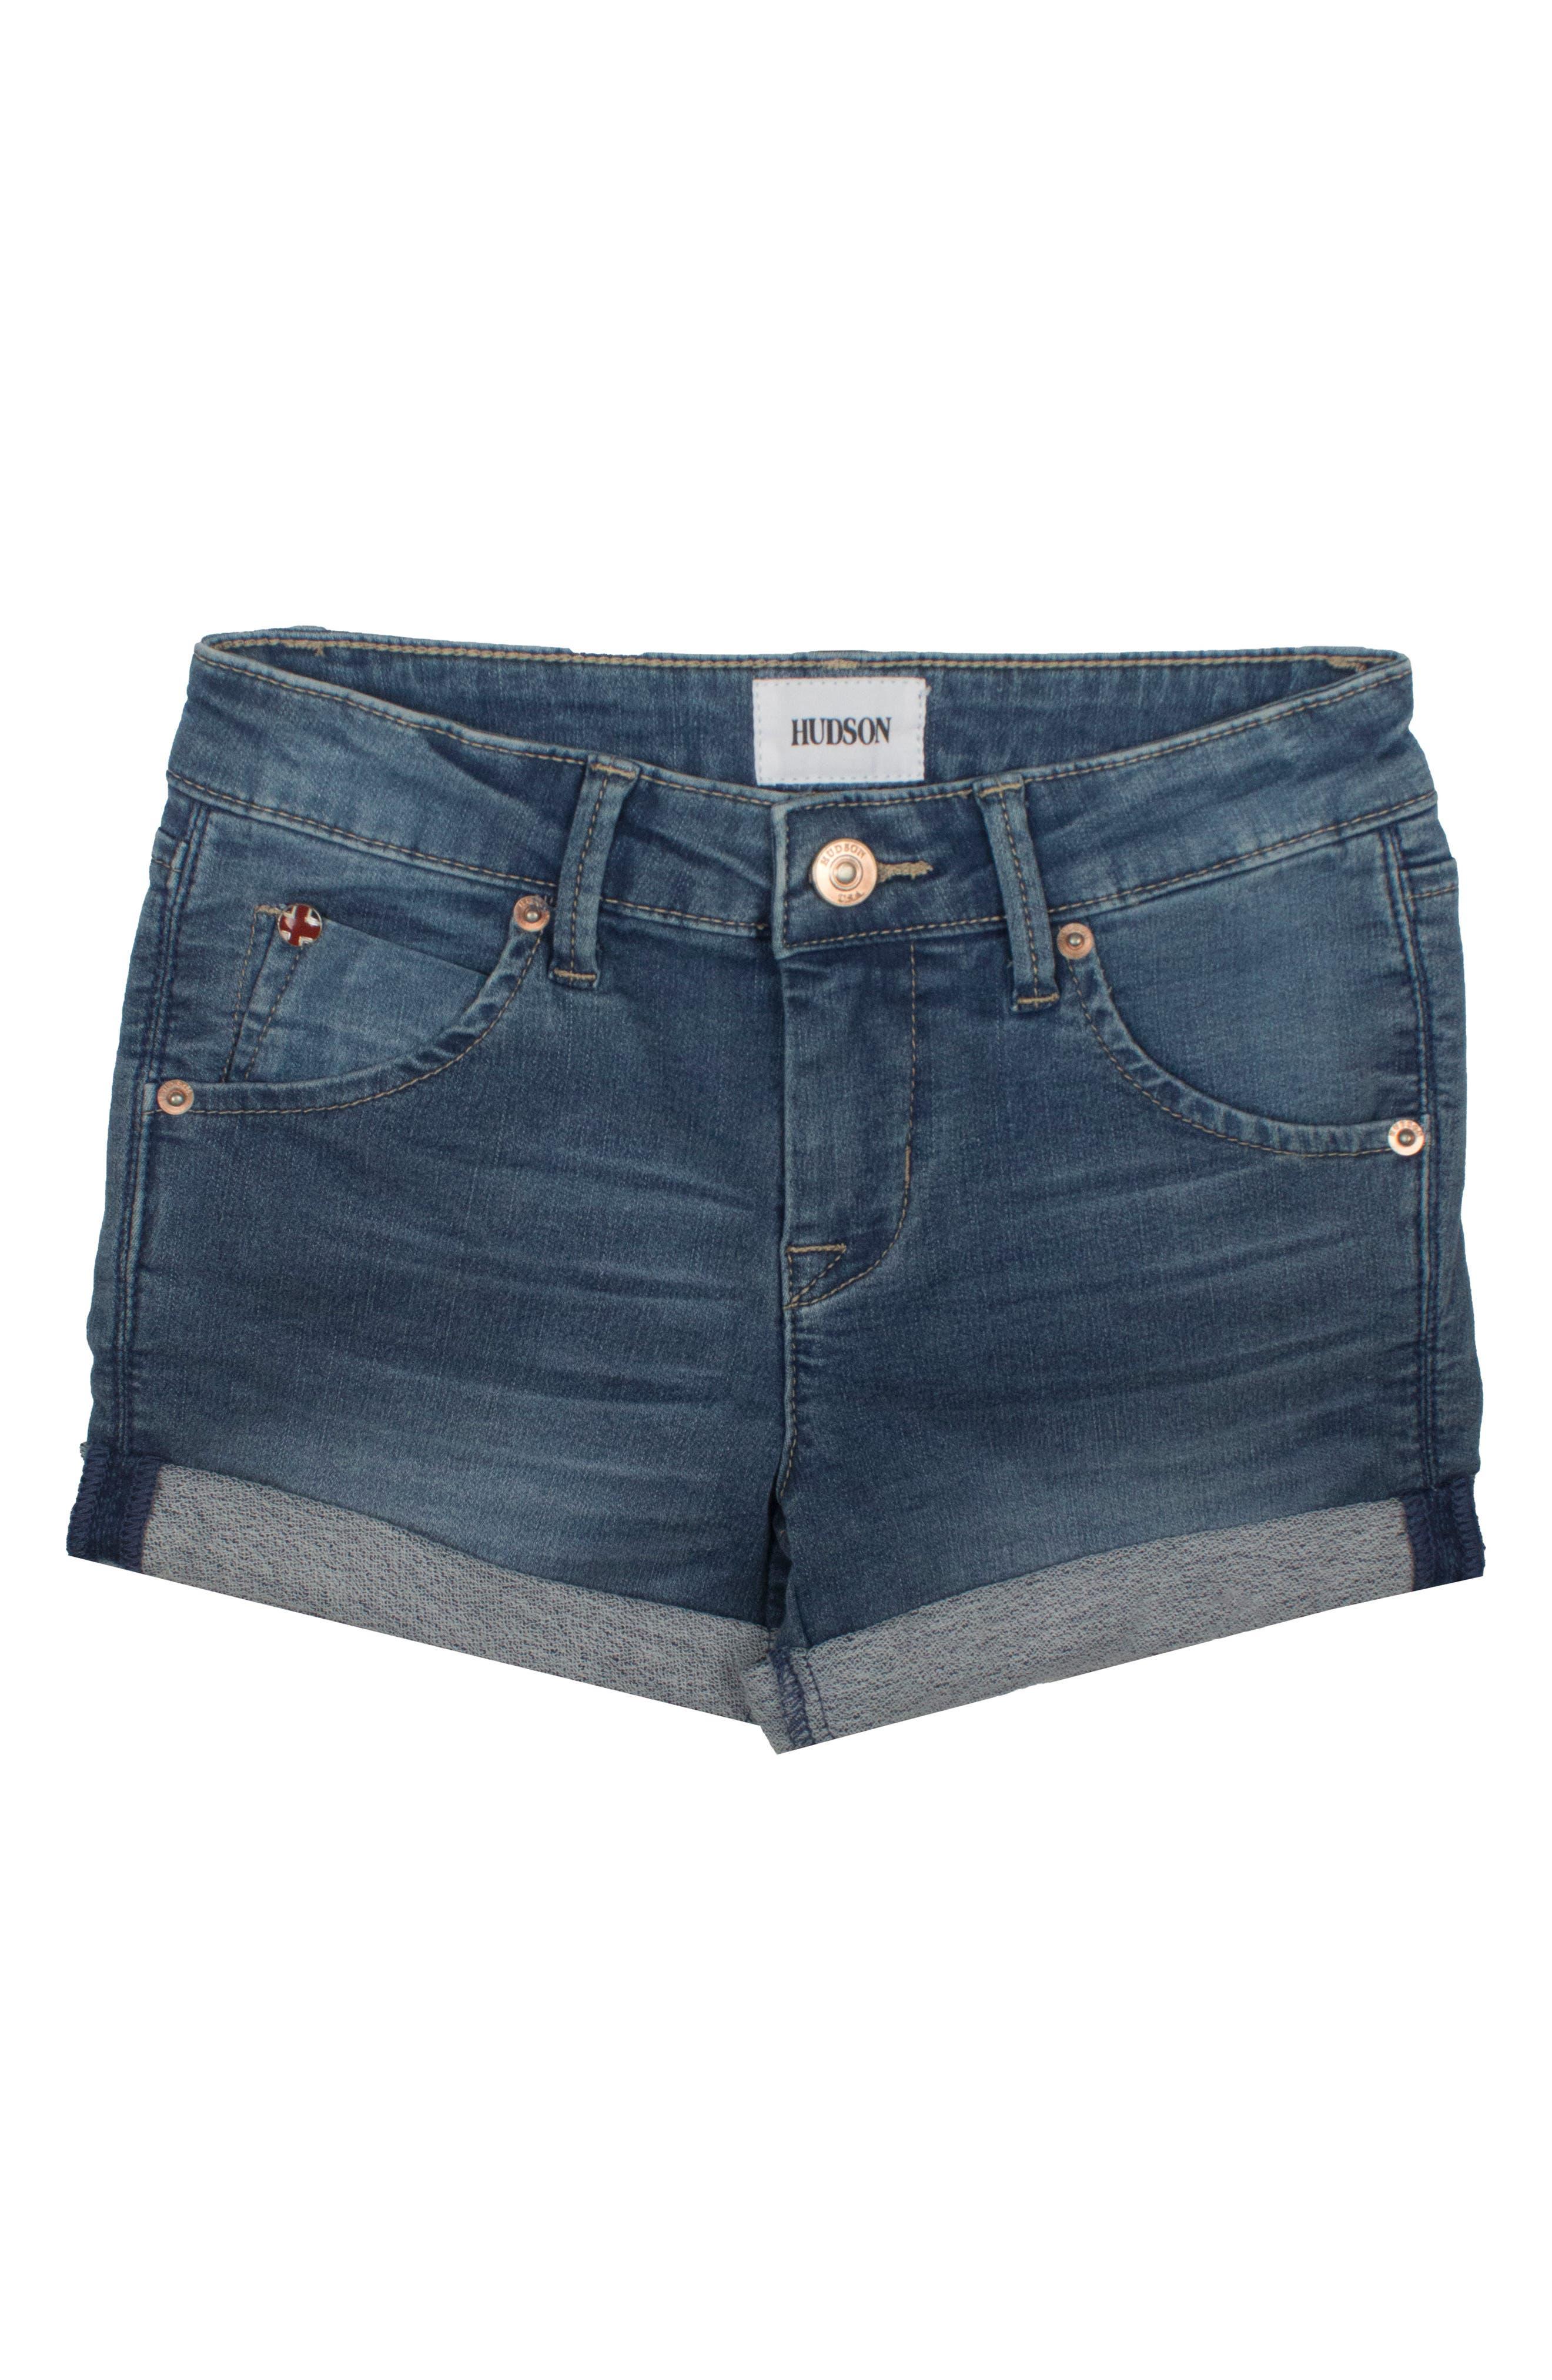 Collin Roll Cuff Denim Shorts,                         Main,                         color, Memory